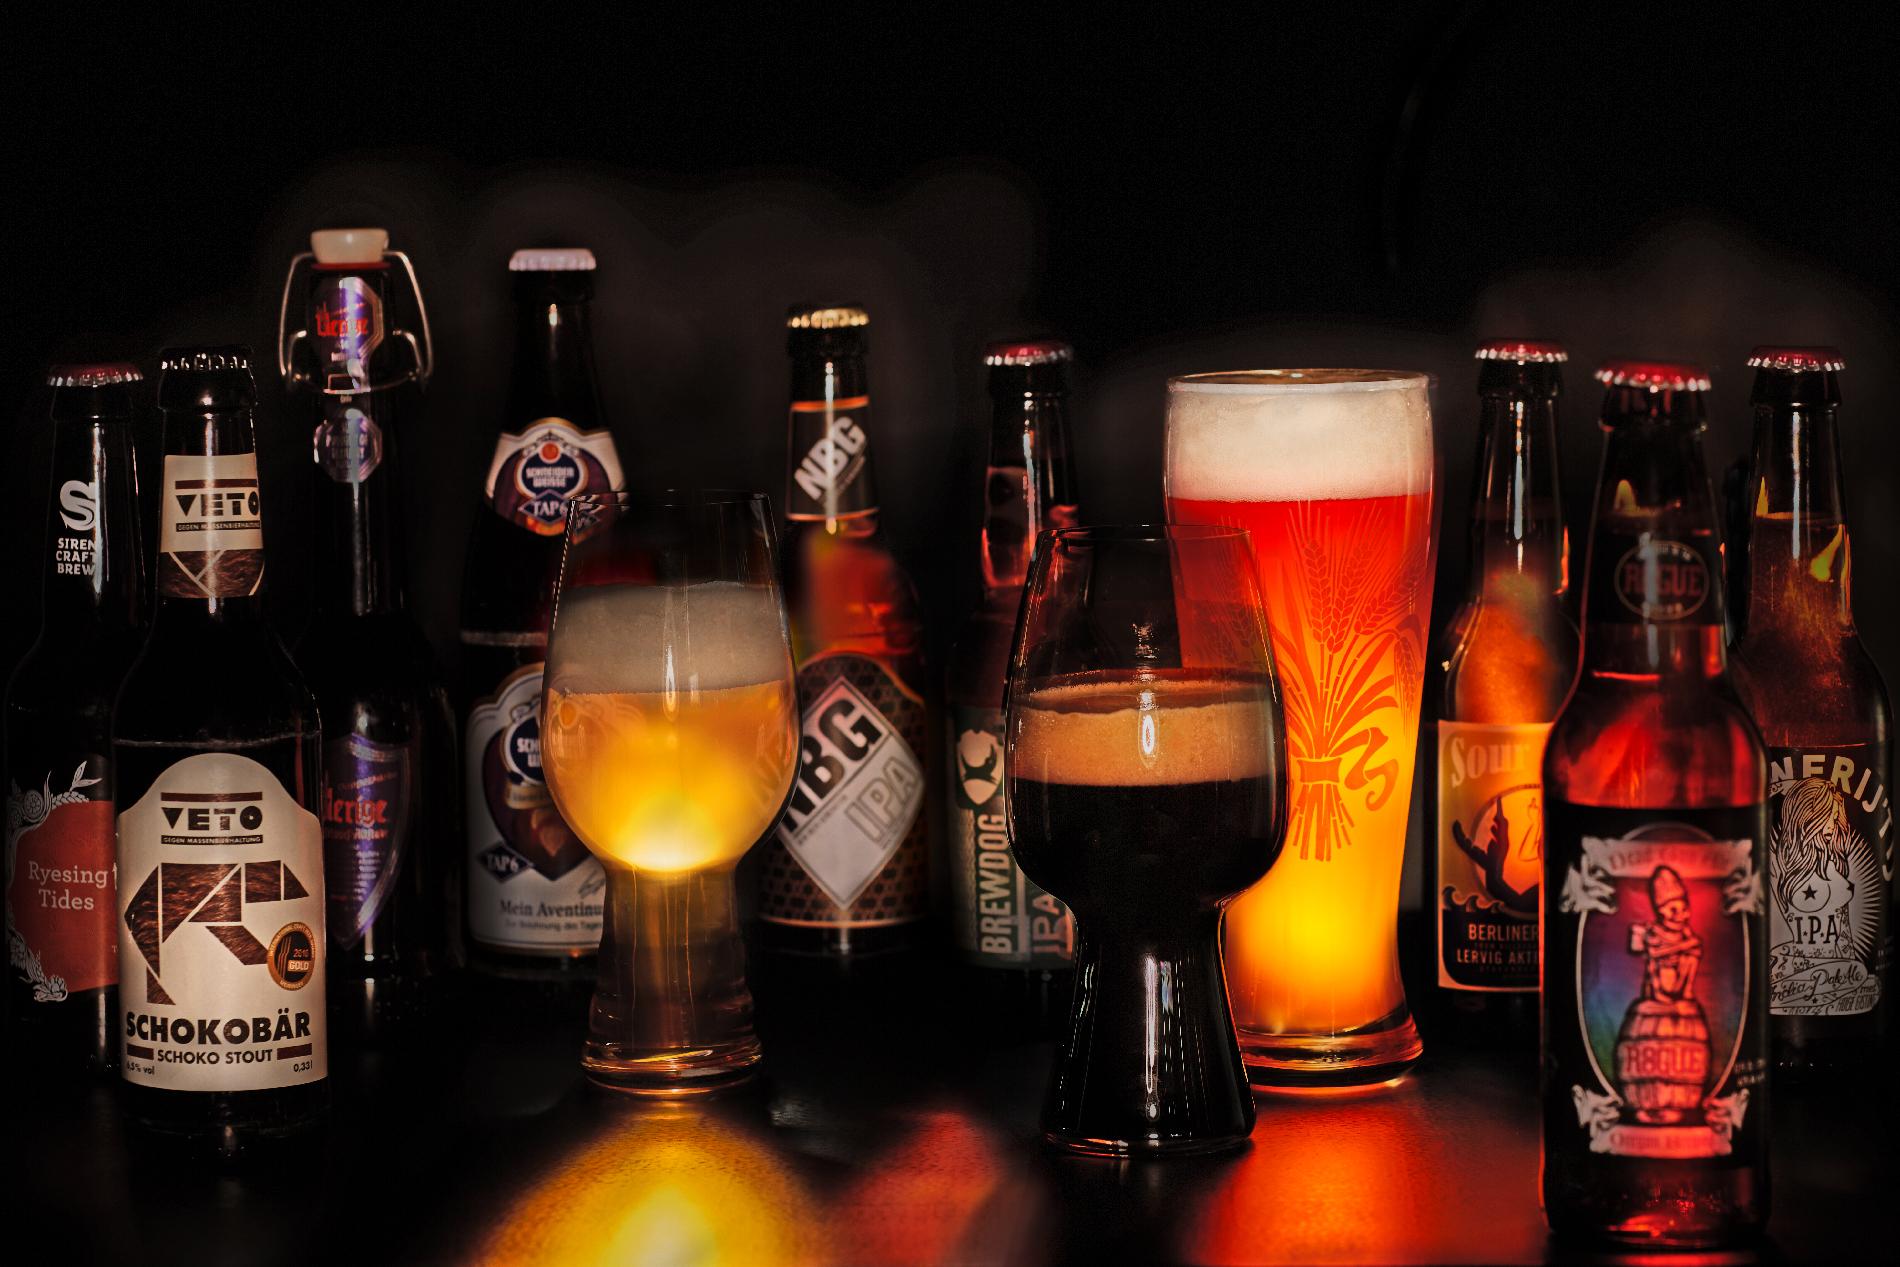 Biergläser und Flaschen zum Bier-Pairing-Dinner